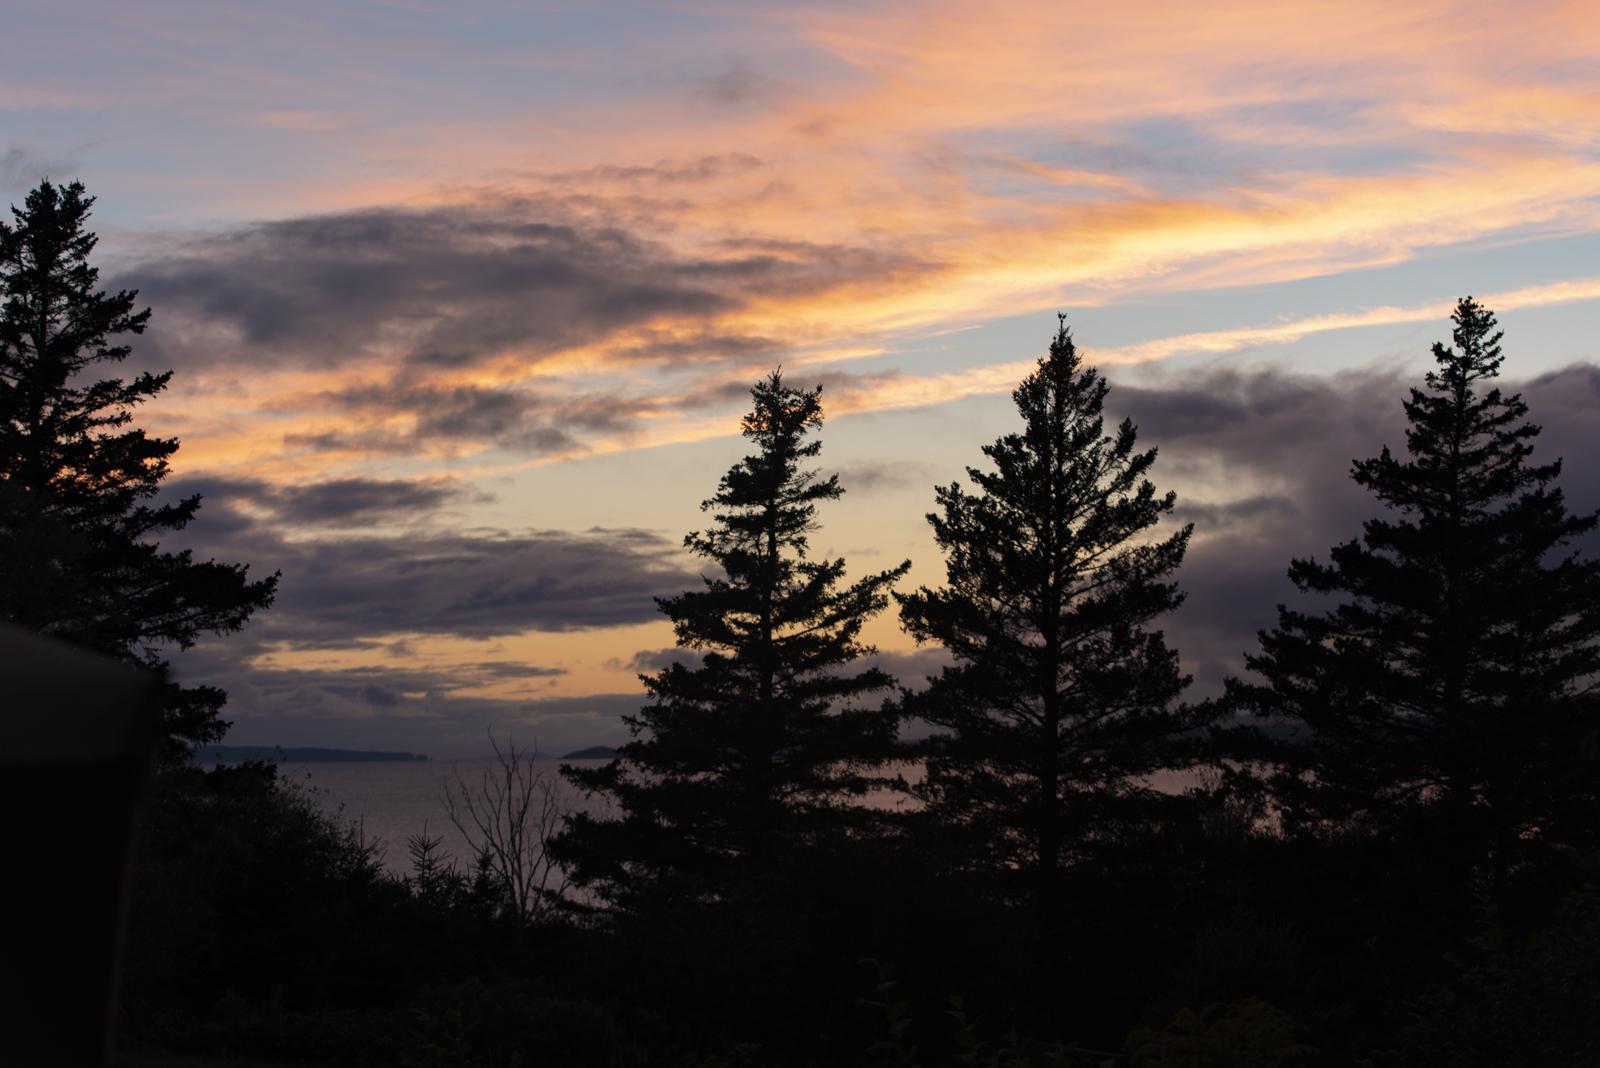 Even a sunset. . .